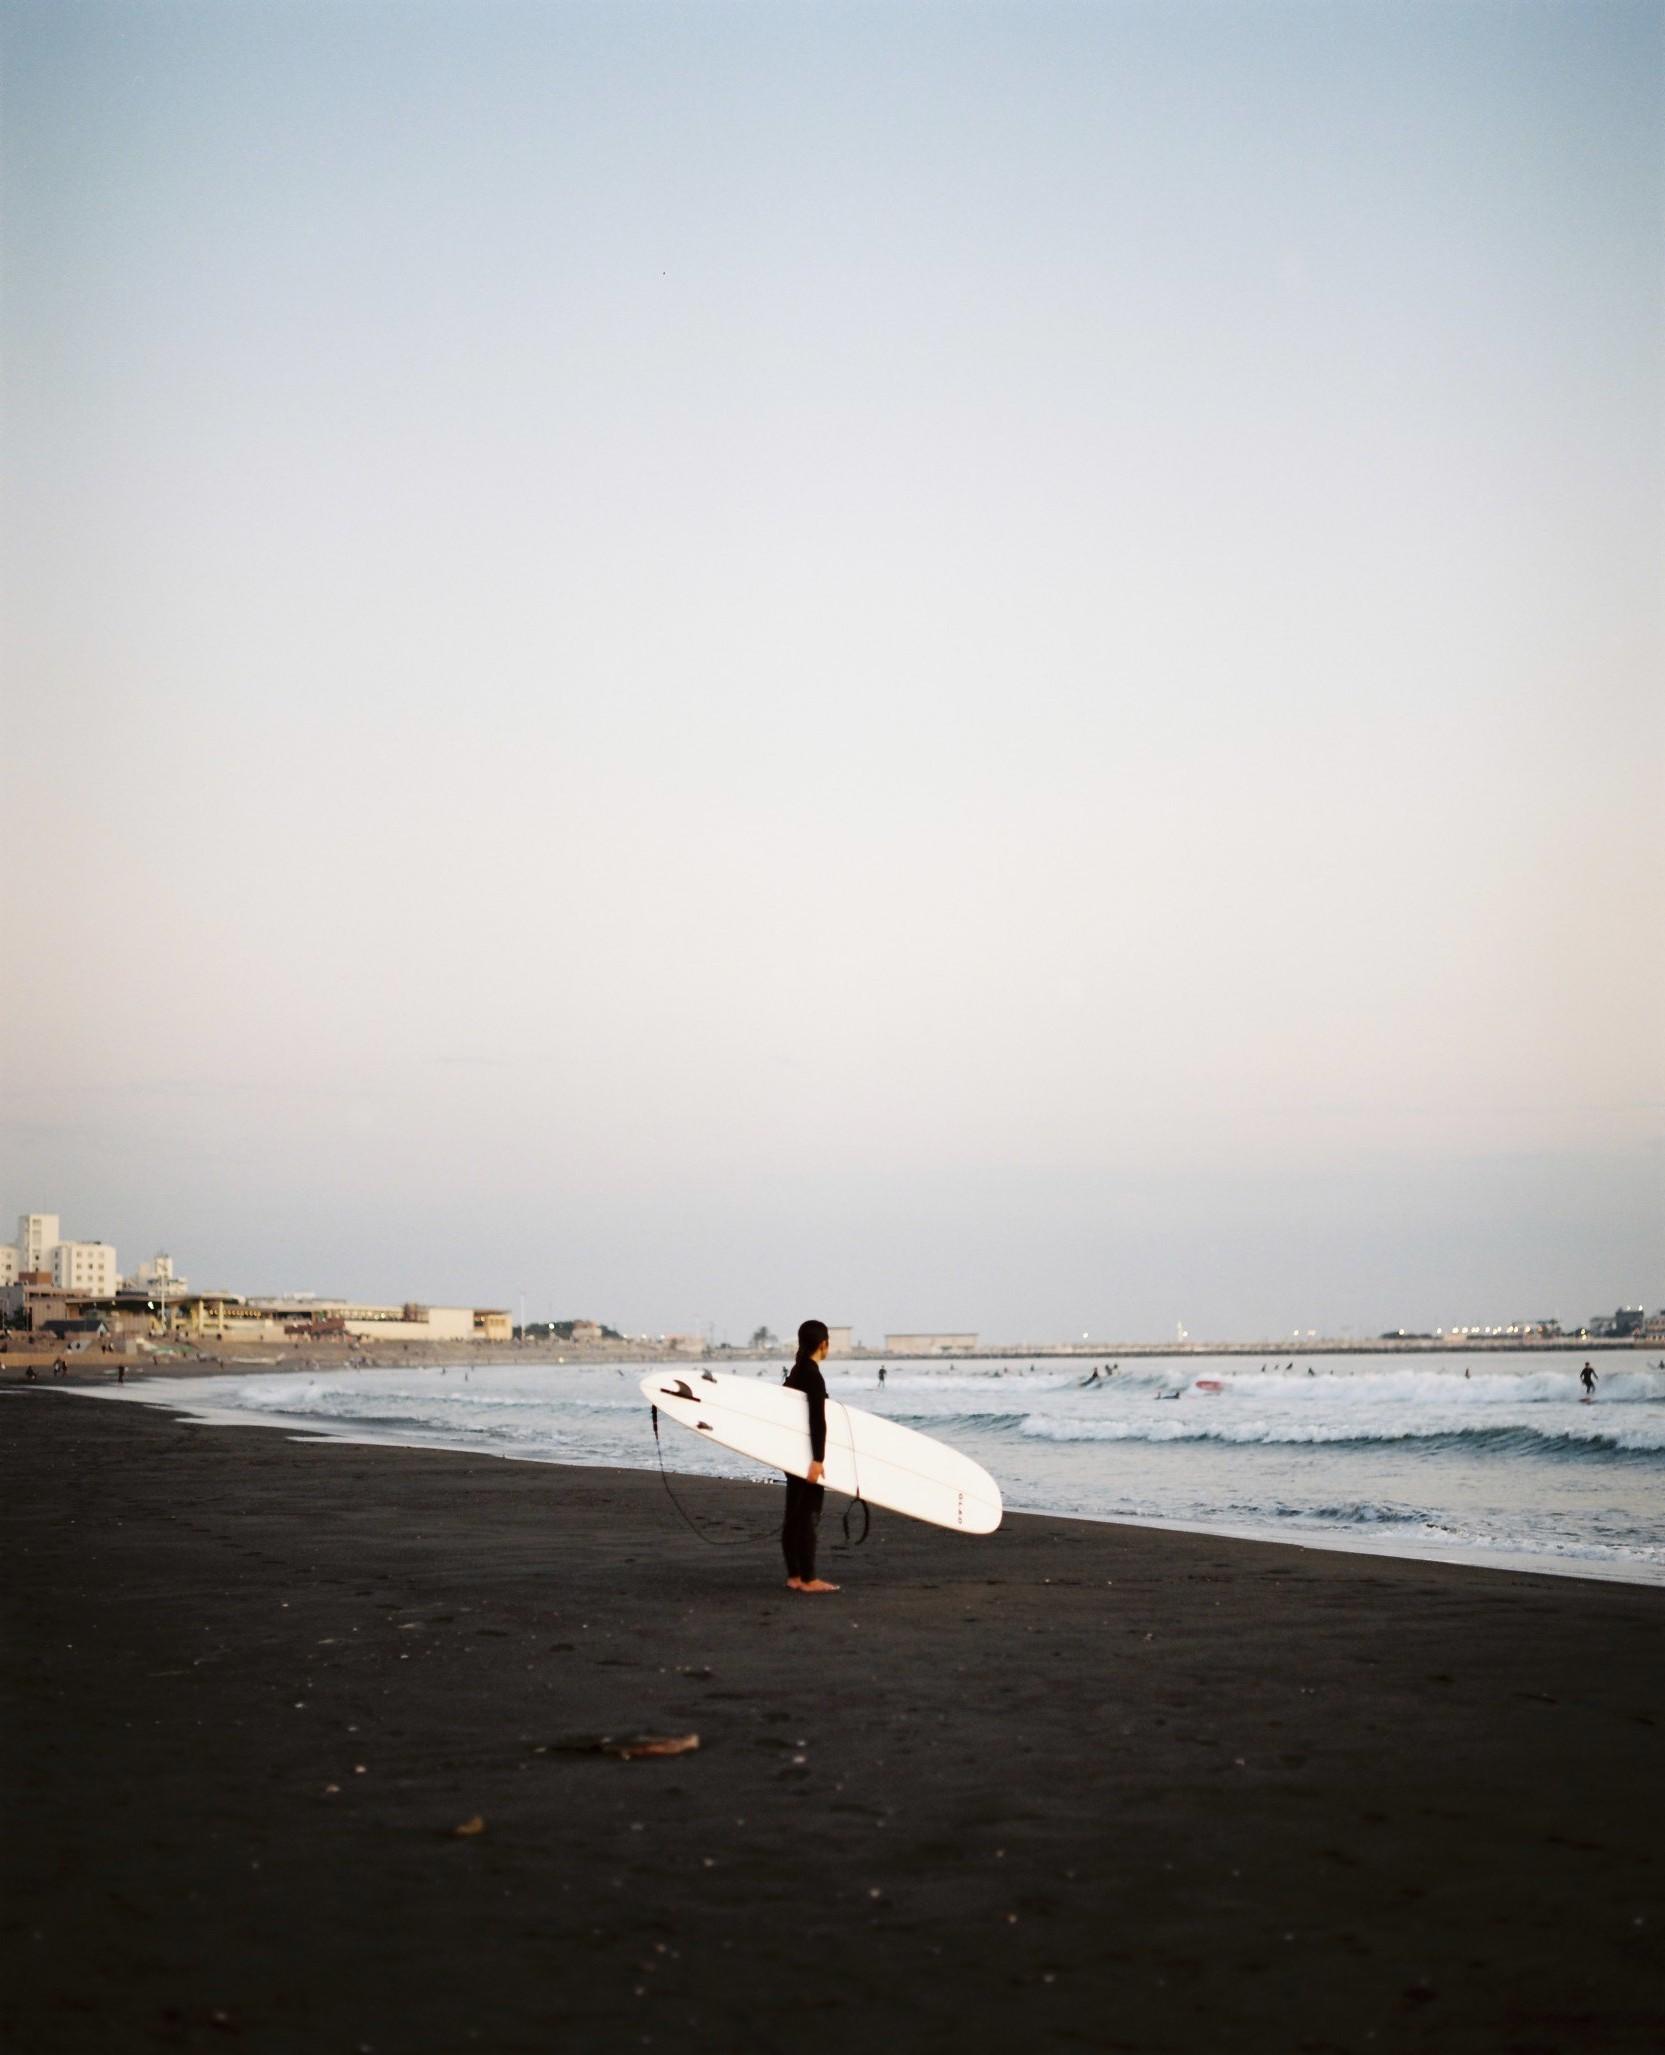 鵠沼海岸とサーファーの女性